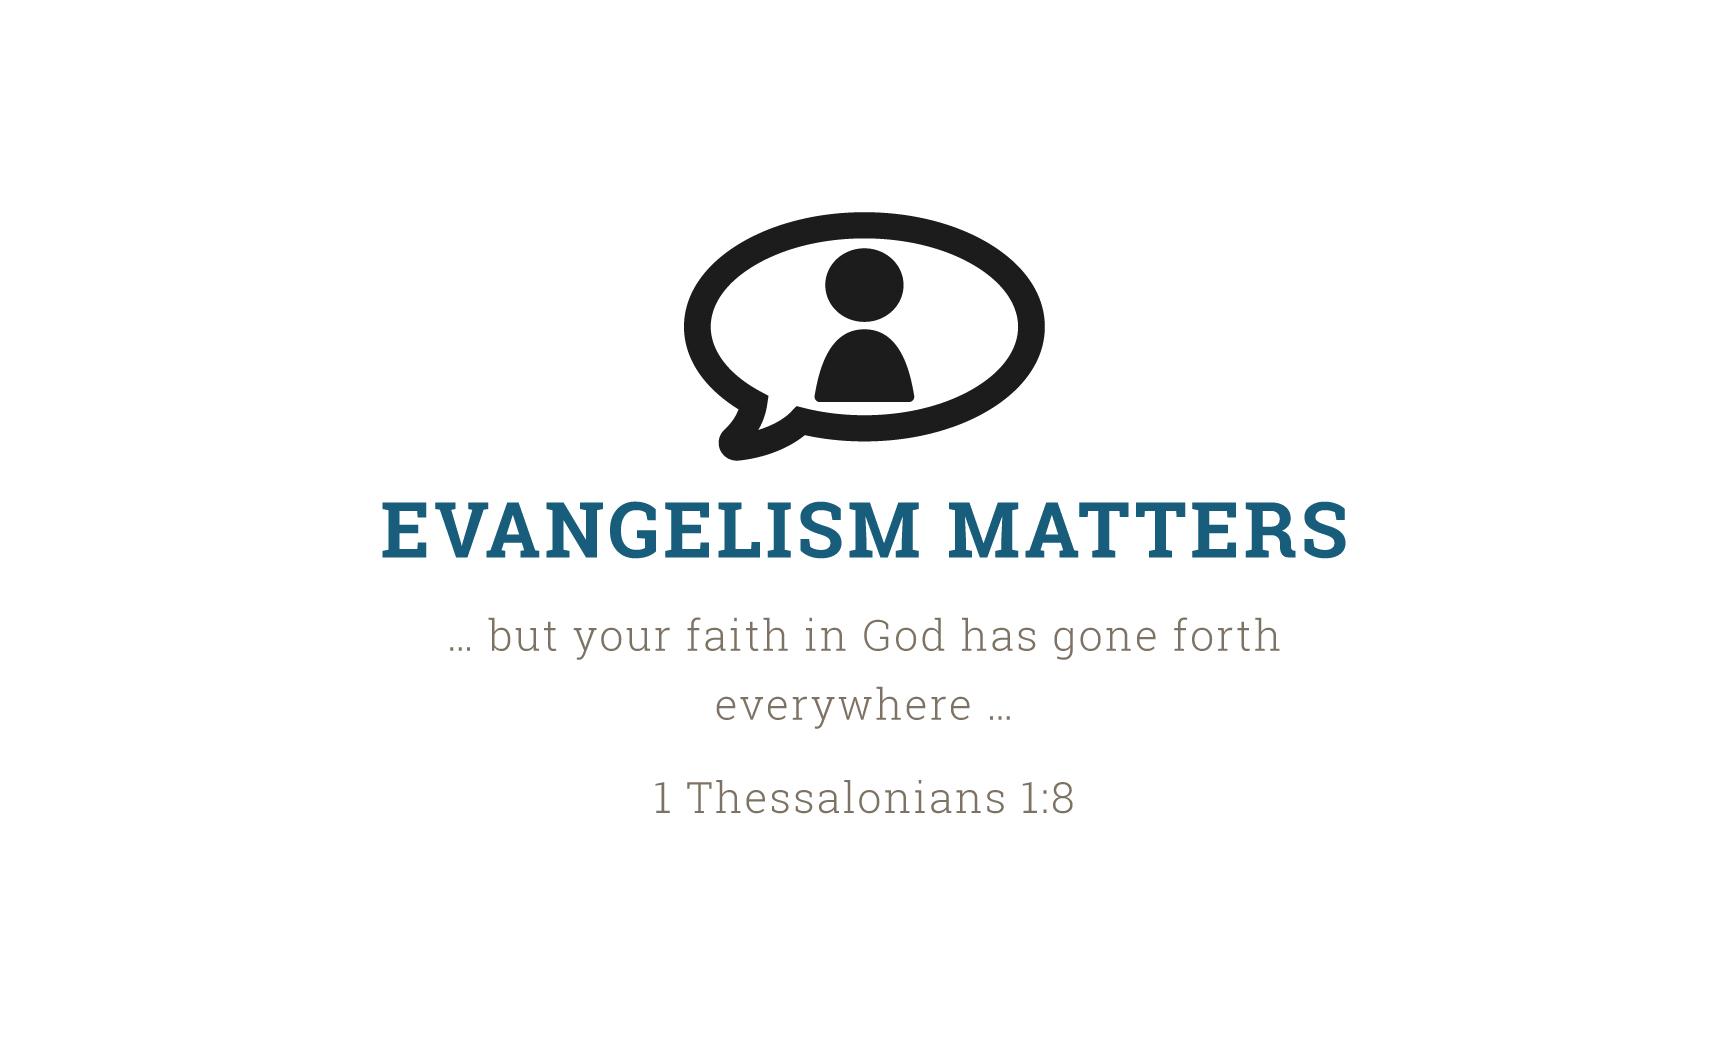 Evangelism-Matters.jpg